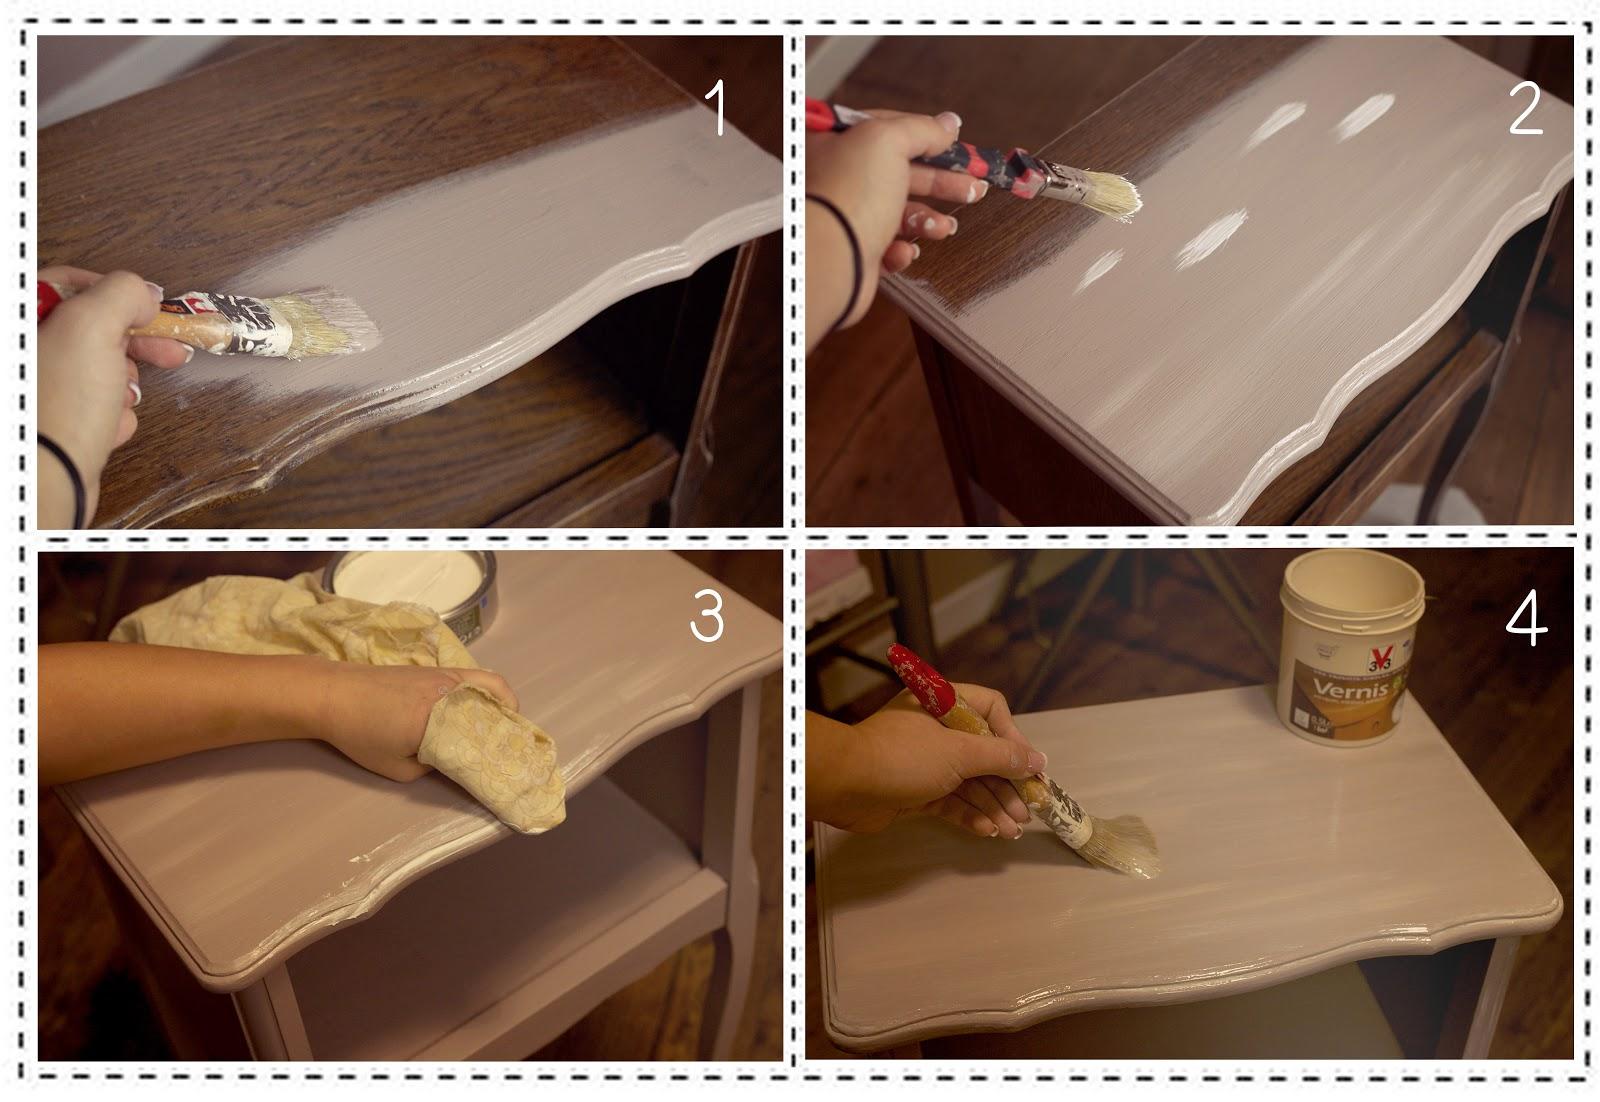 Diy r nover une table de chevet petit prix for Peindre une table